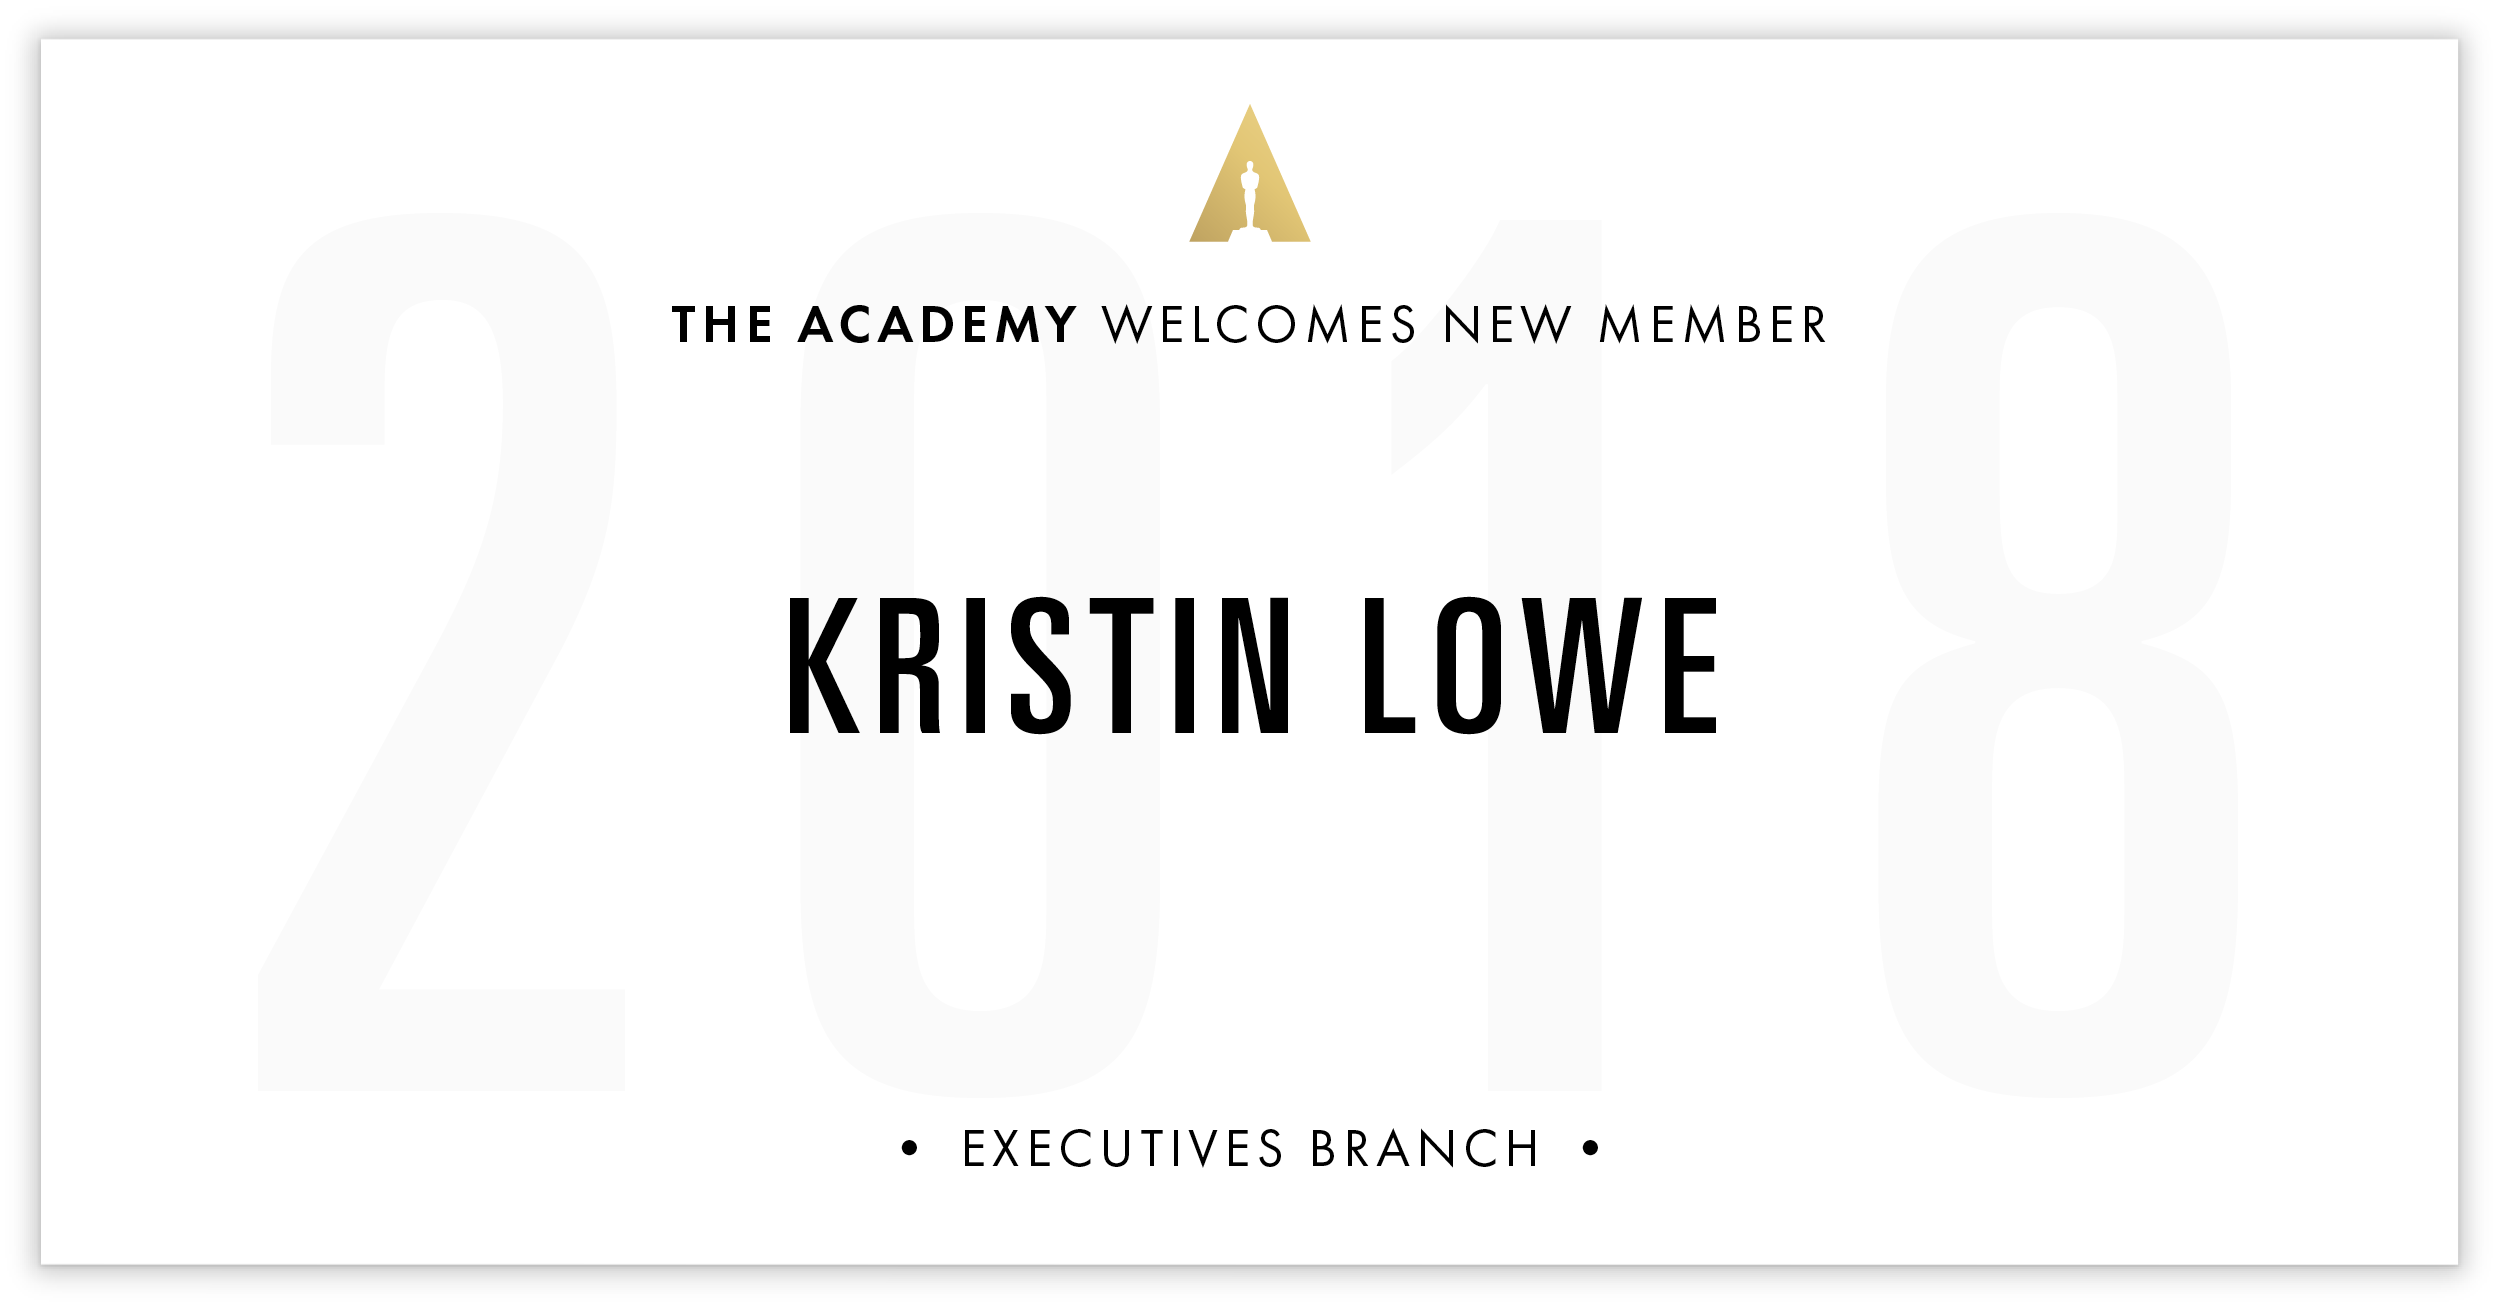 Kristin Lowe is invited!